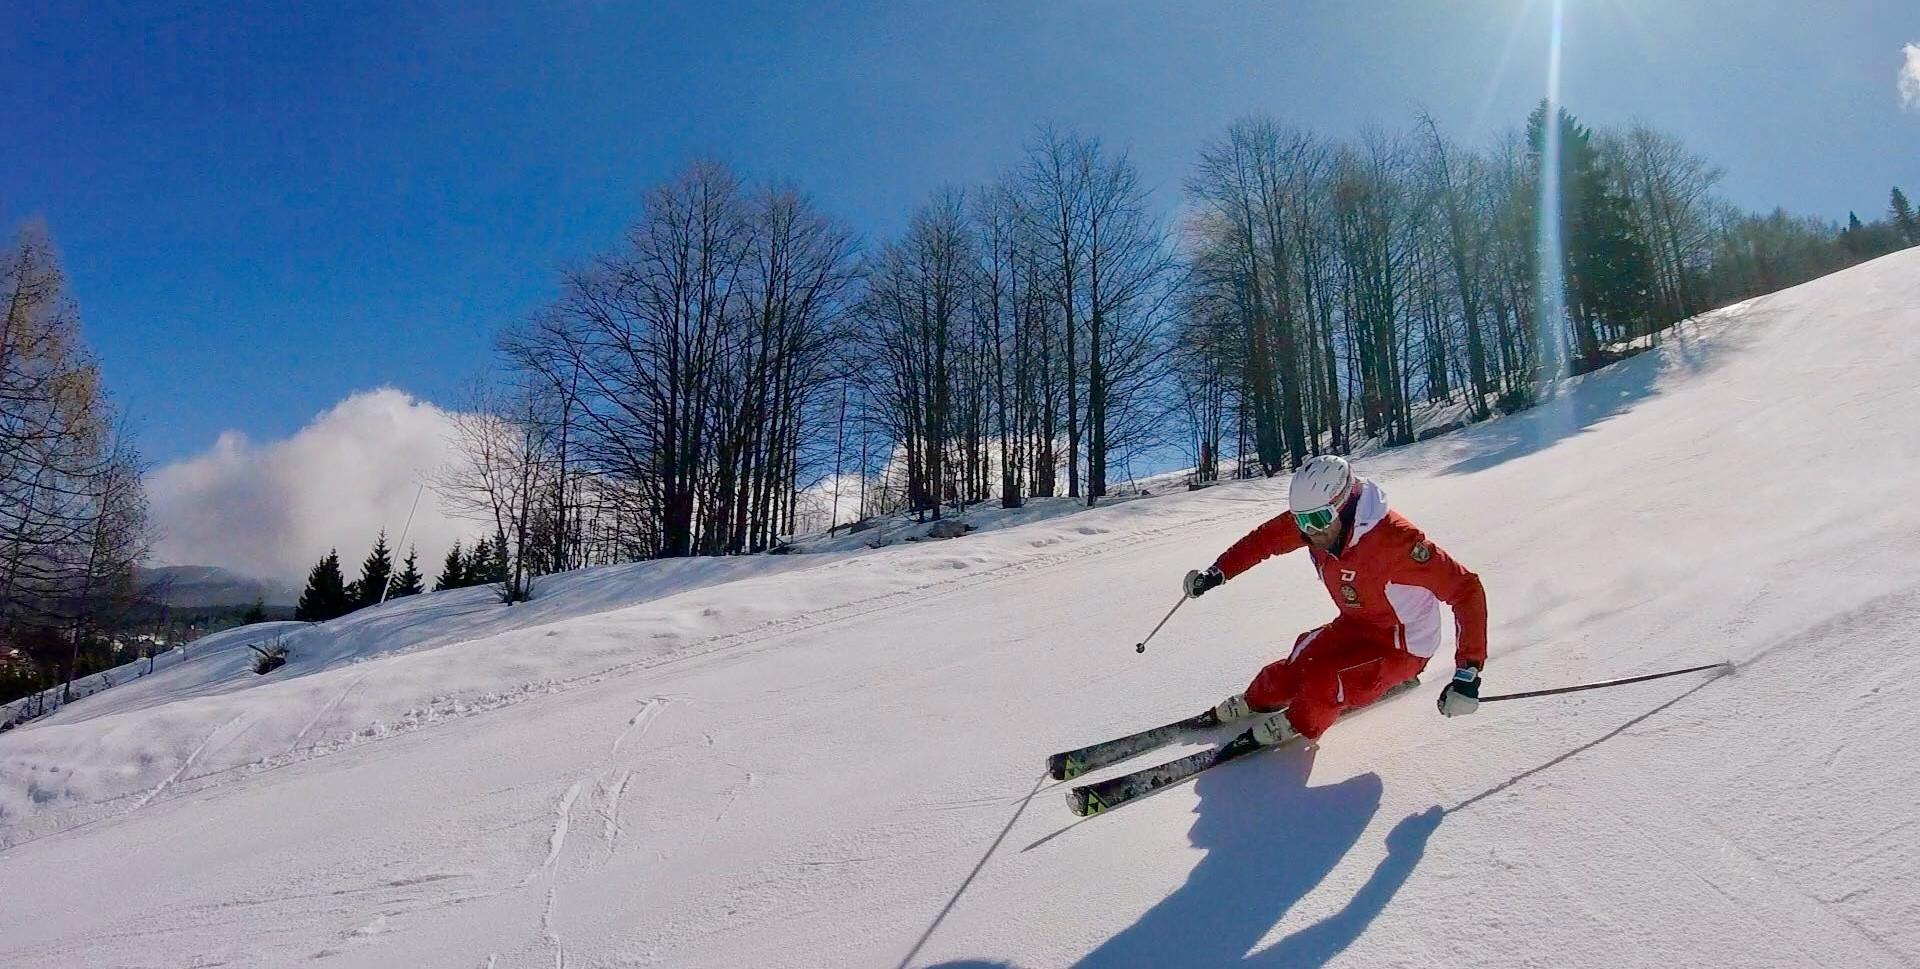 Lezione privata di sci a Piancavallo per tutti i livelli